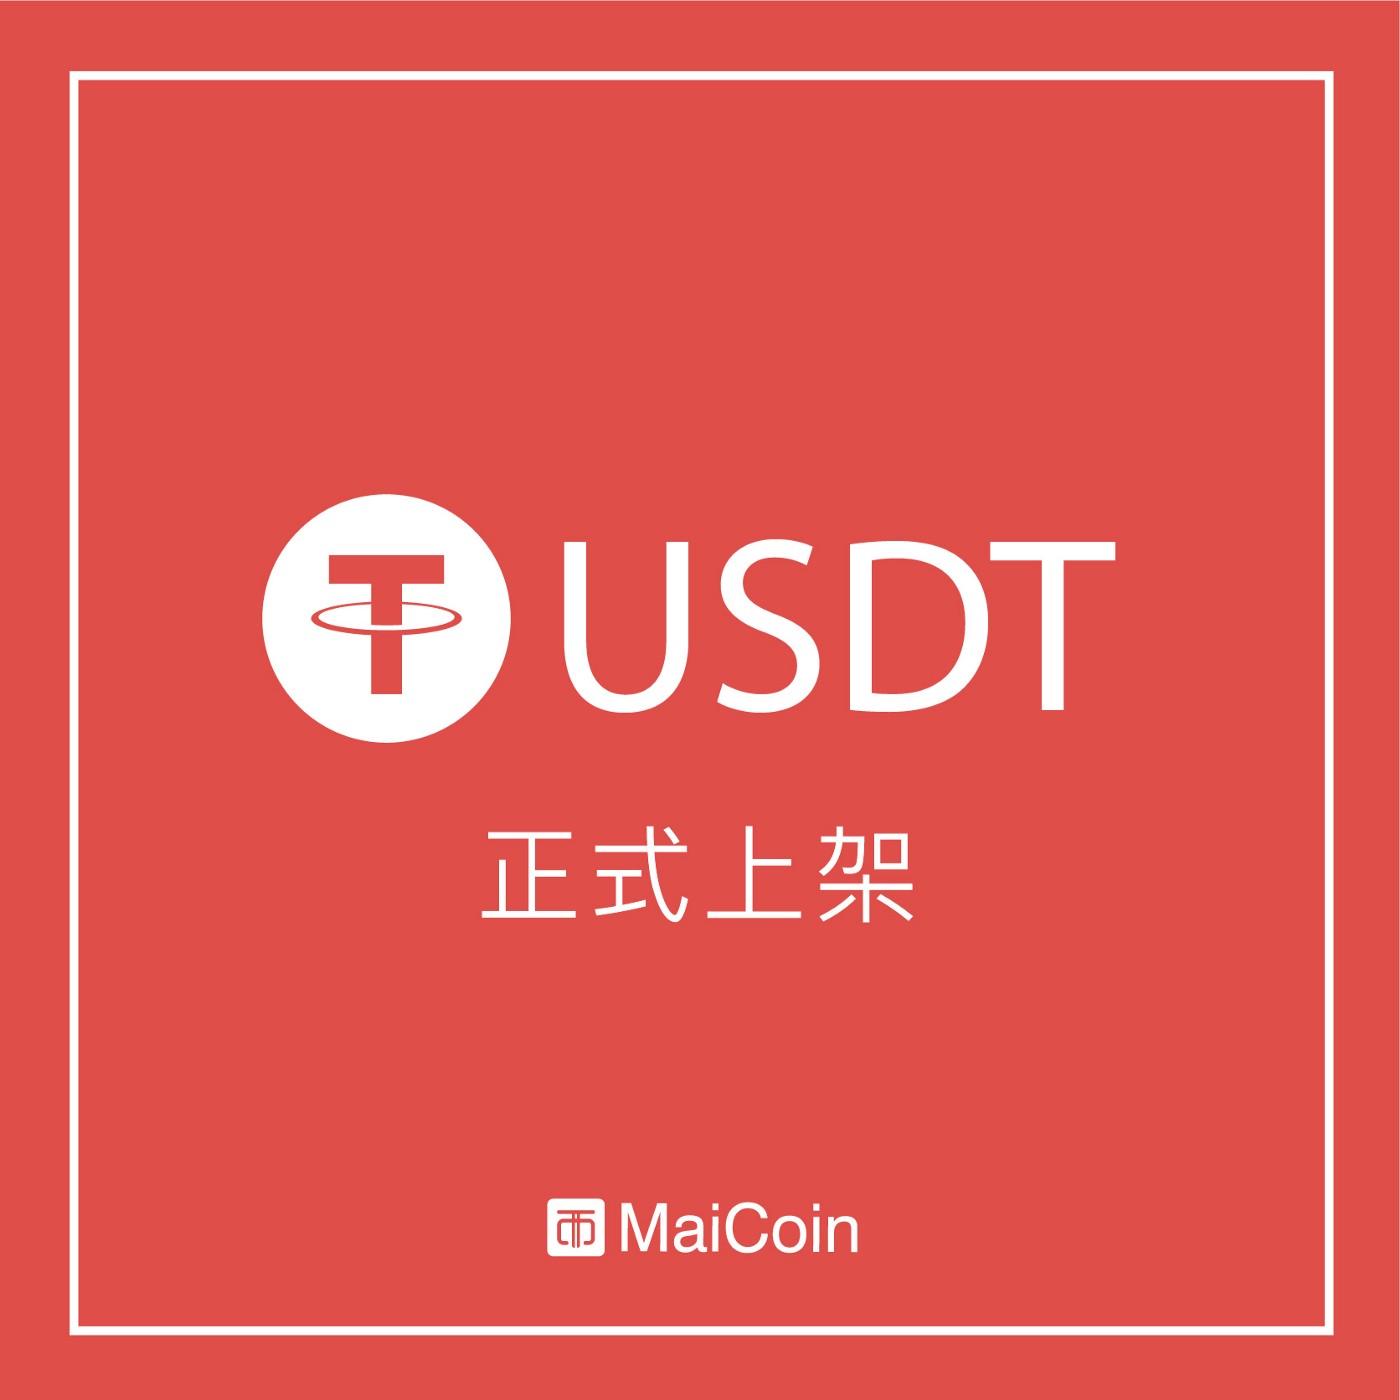 MaiCoin 上架穩定幣 USDT